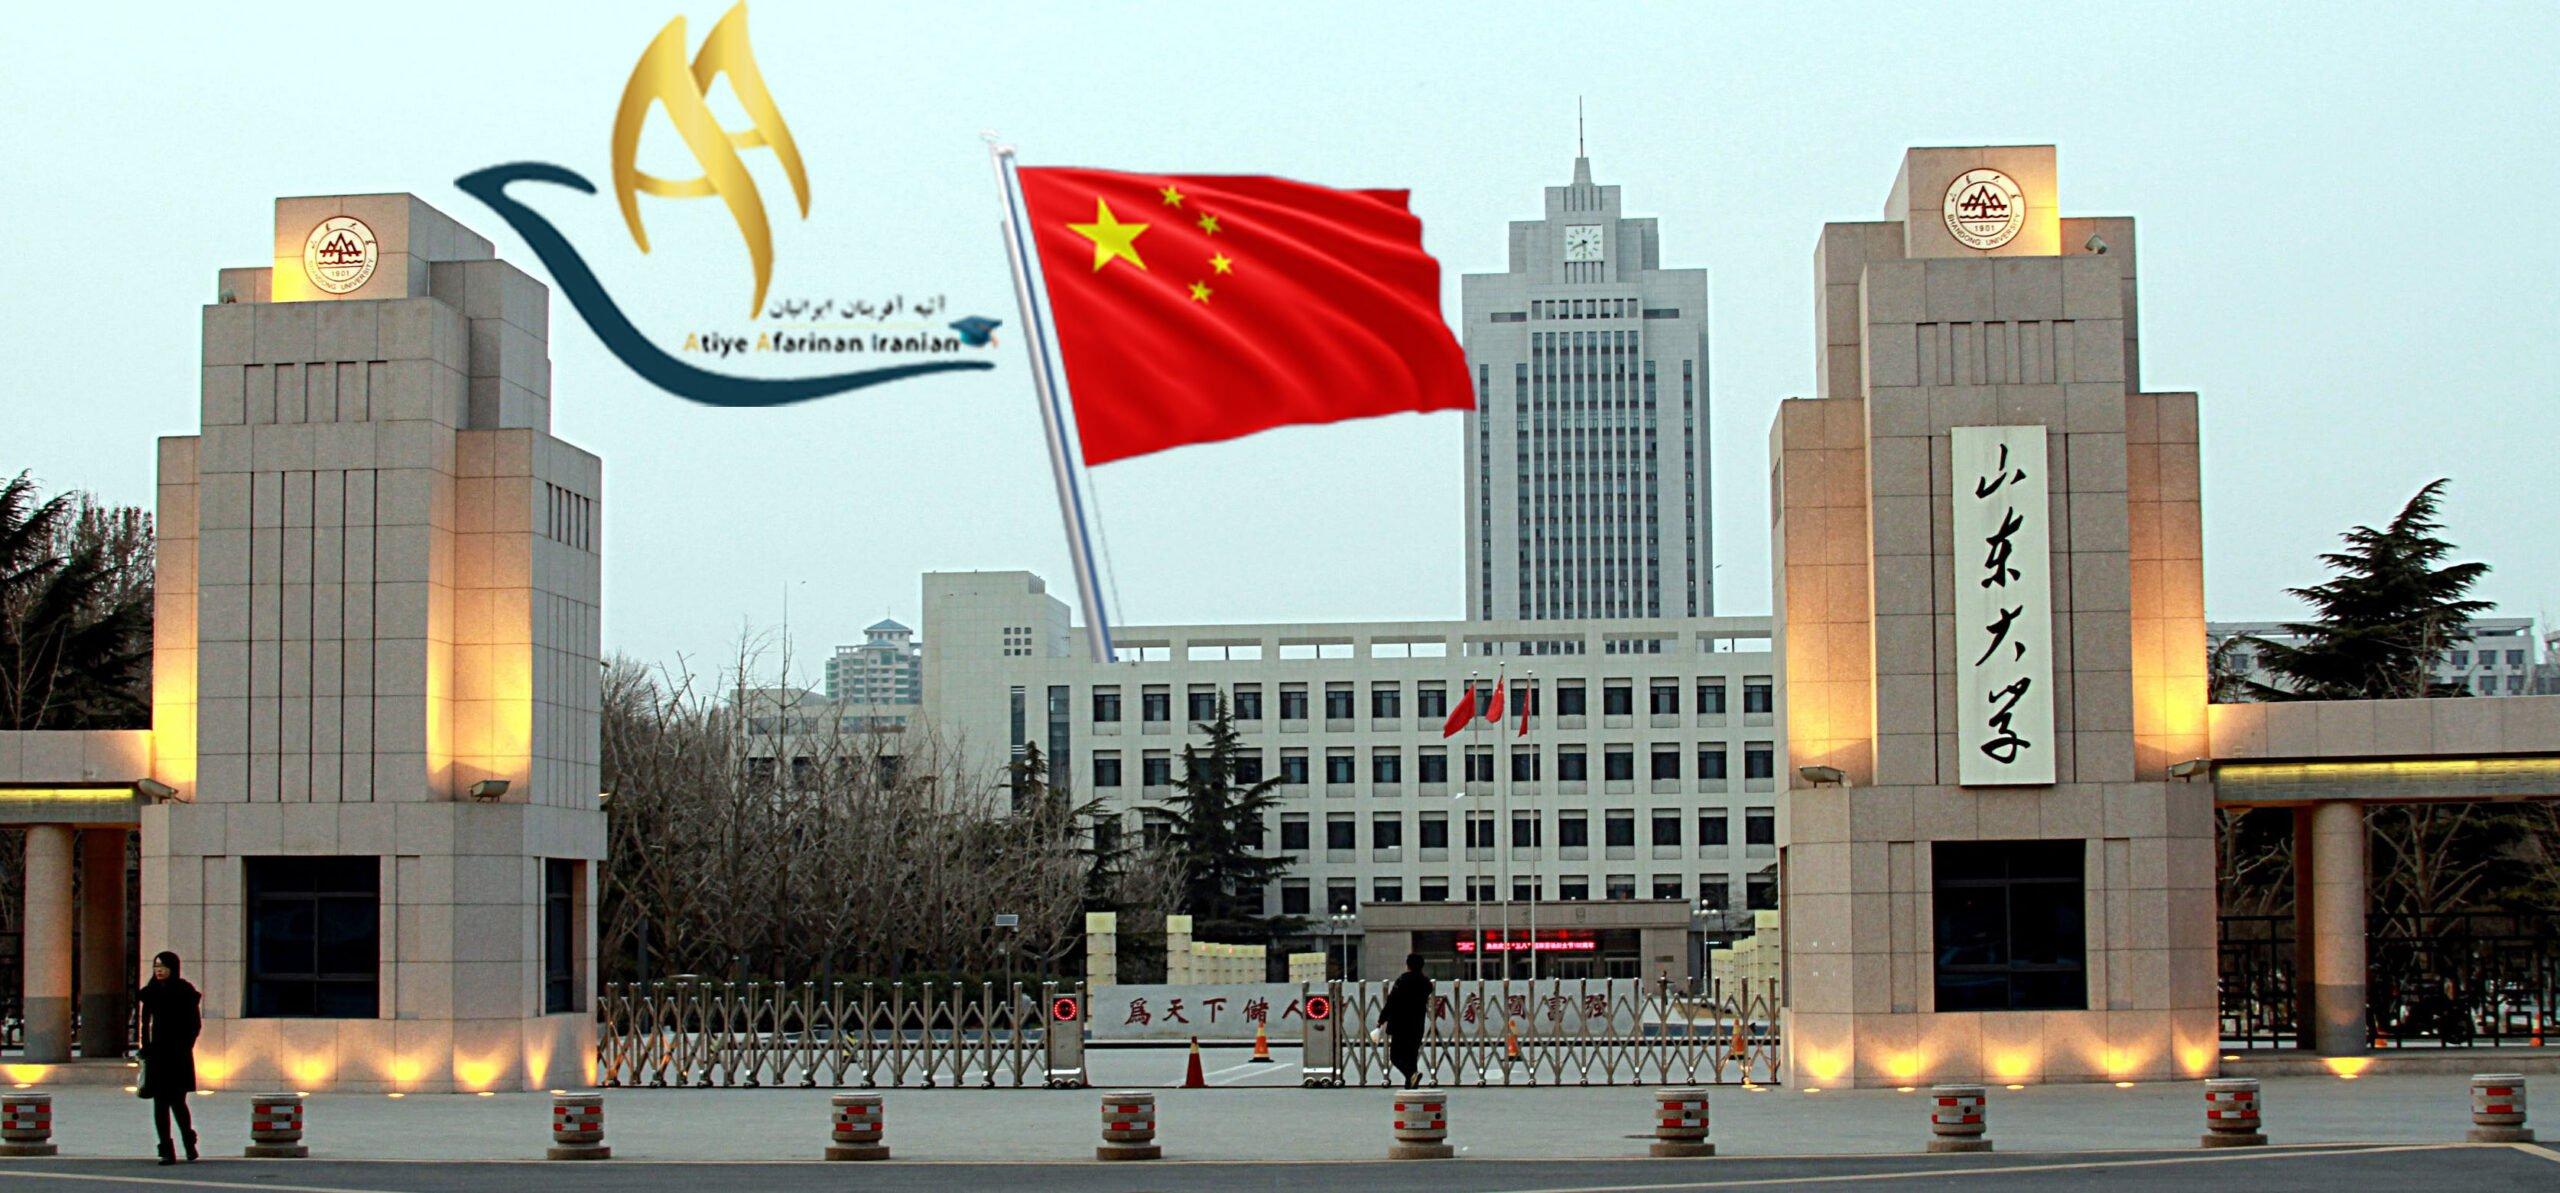 دانشگاه پزشکی و دندان پزشکی شاندونگ چین